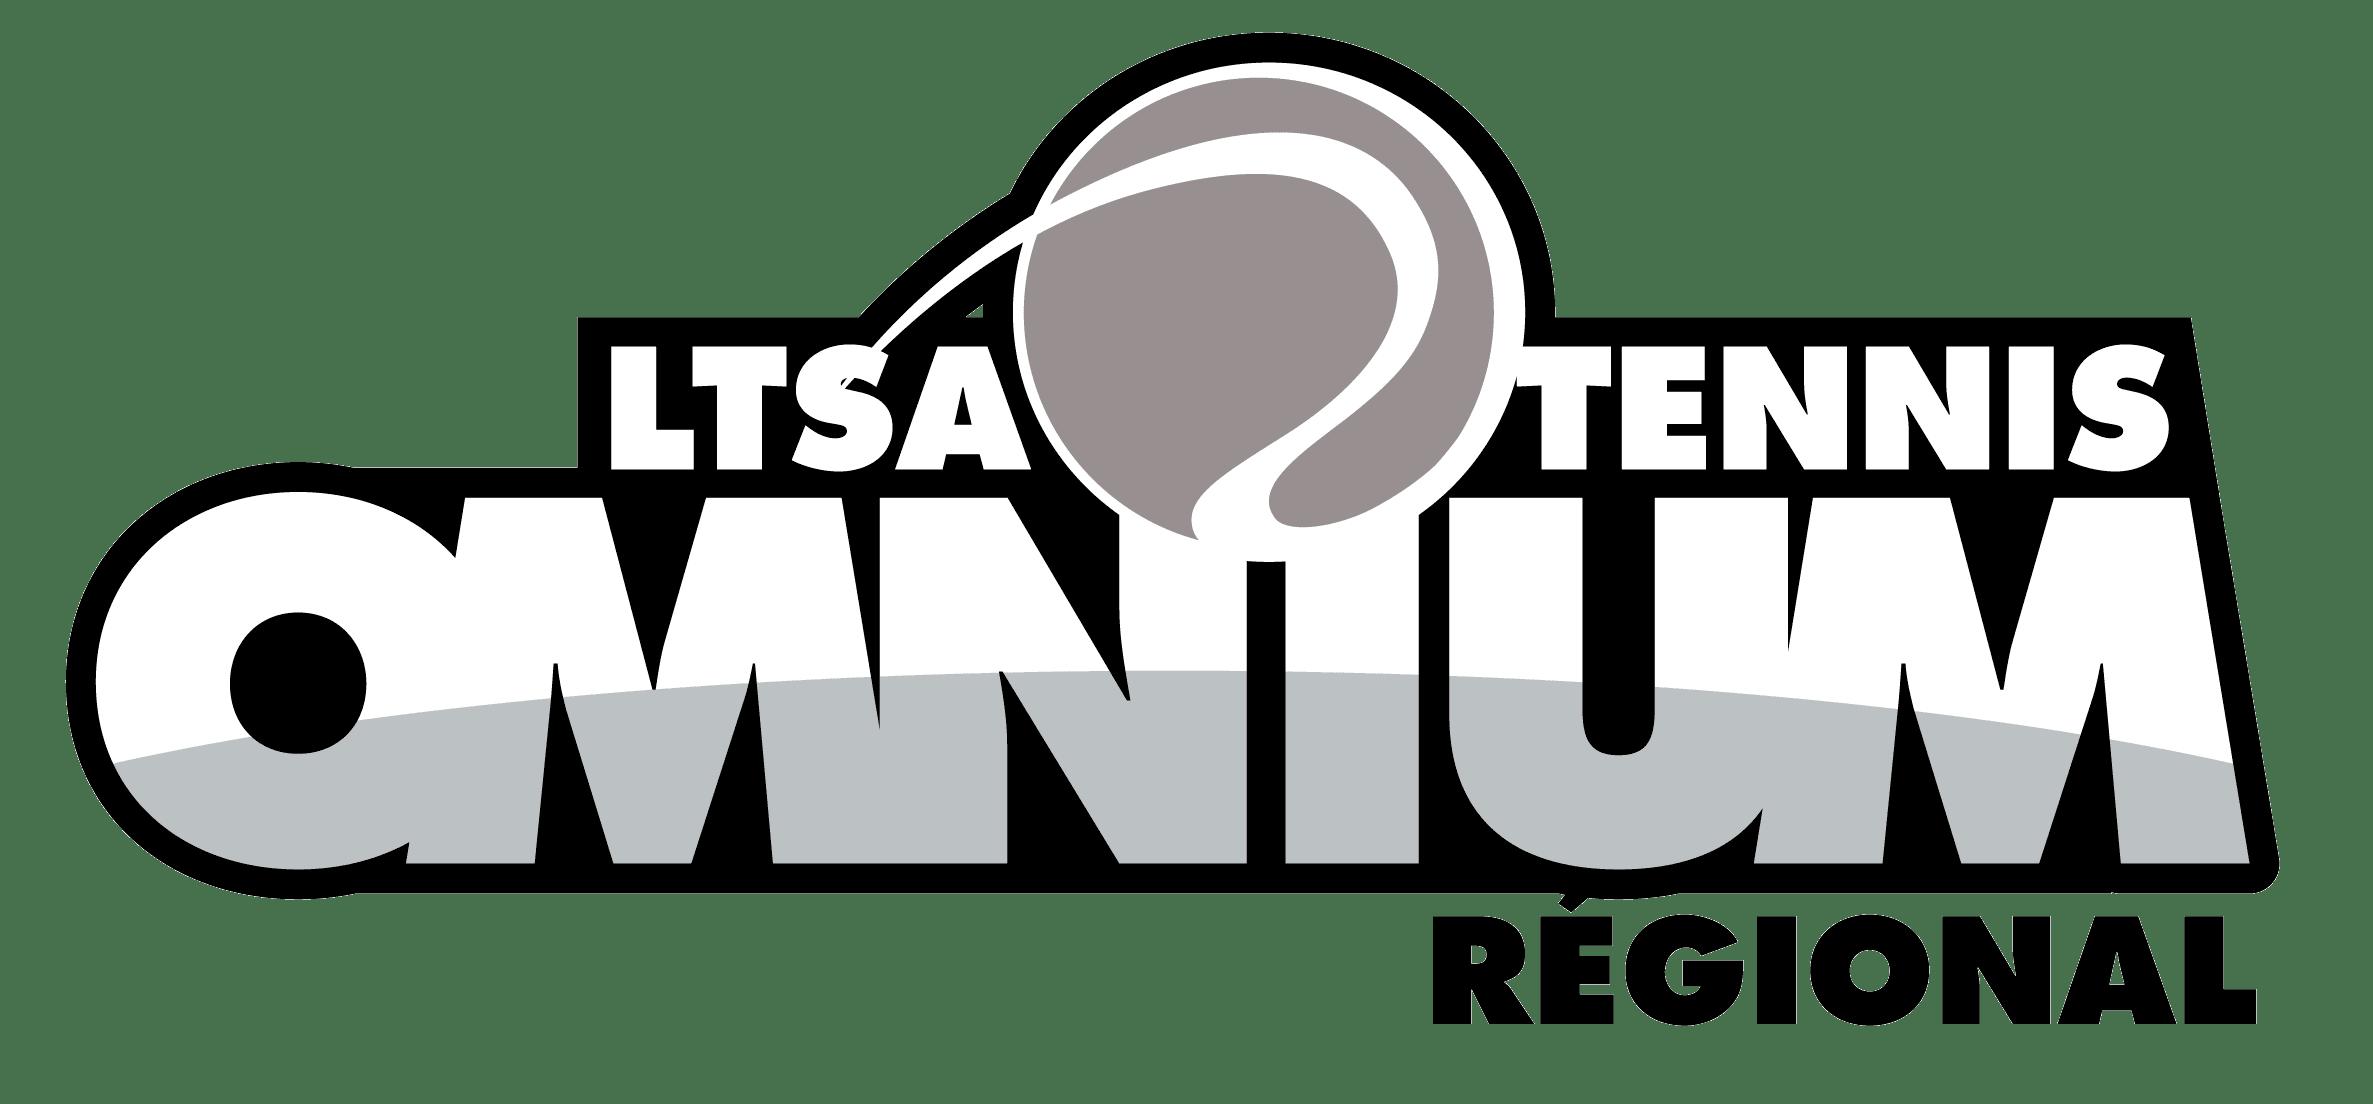 LTSA_Omnium_regional